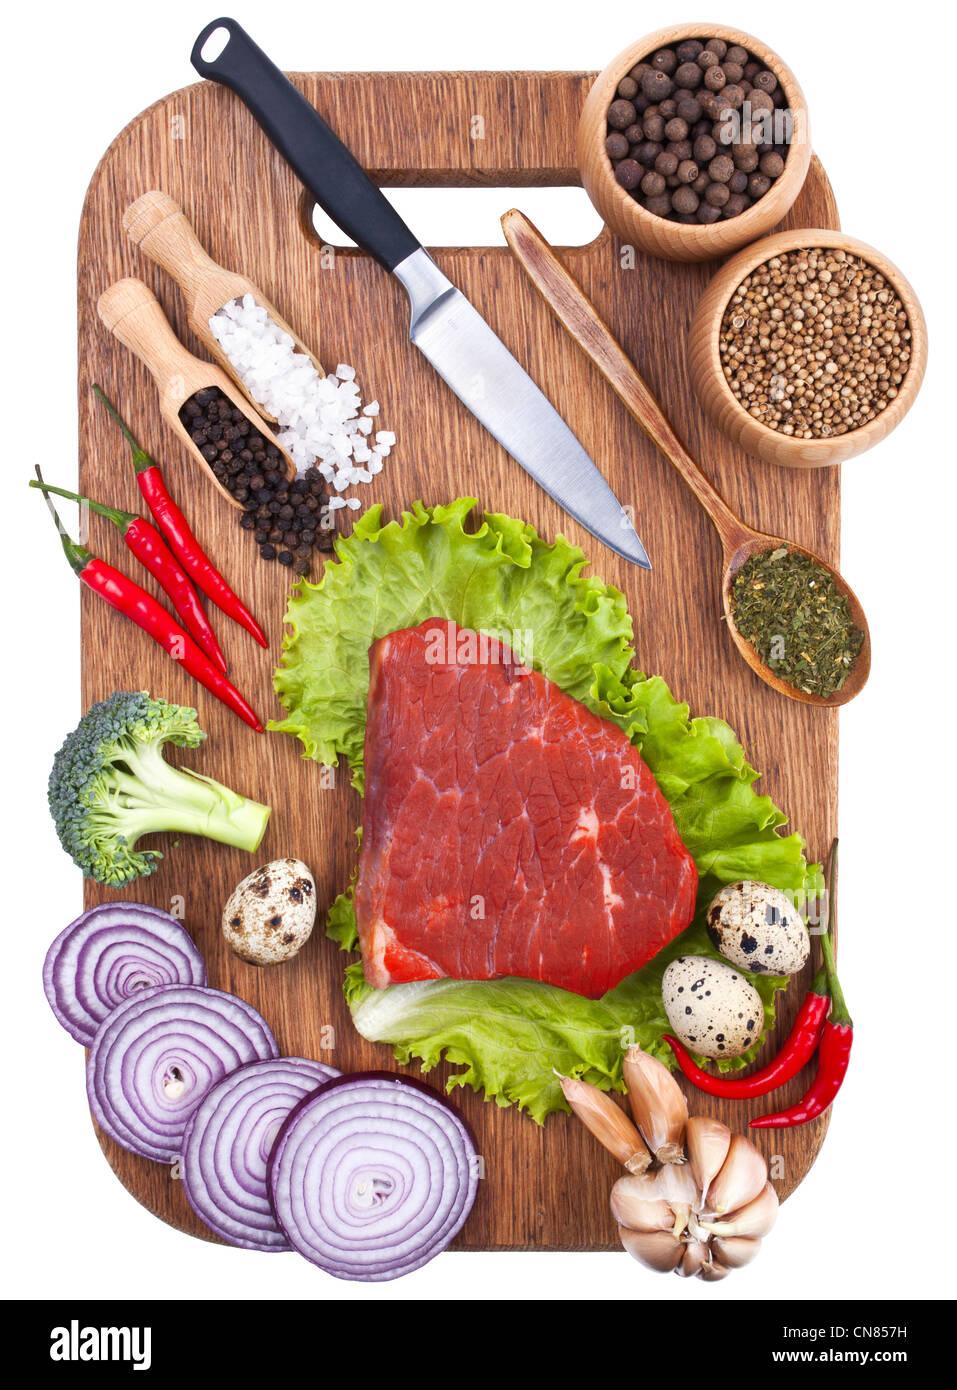 Contexte culinaire avec des légumes frais on cutting board Photo Stock